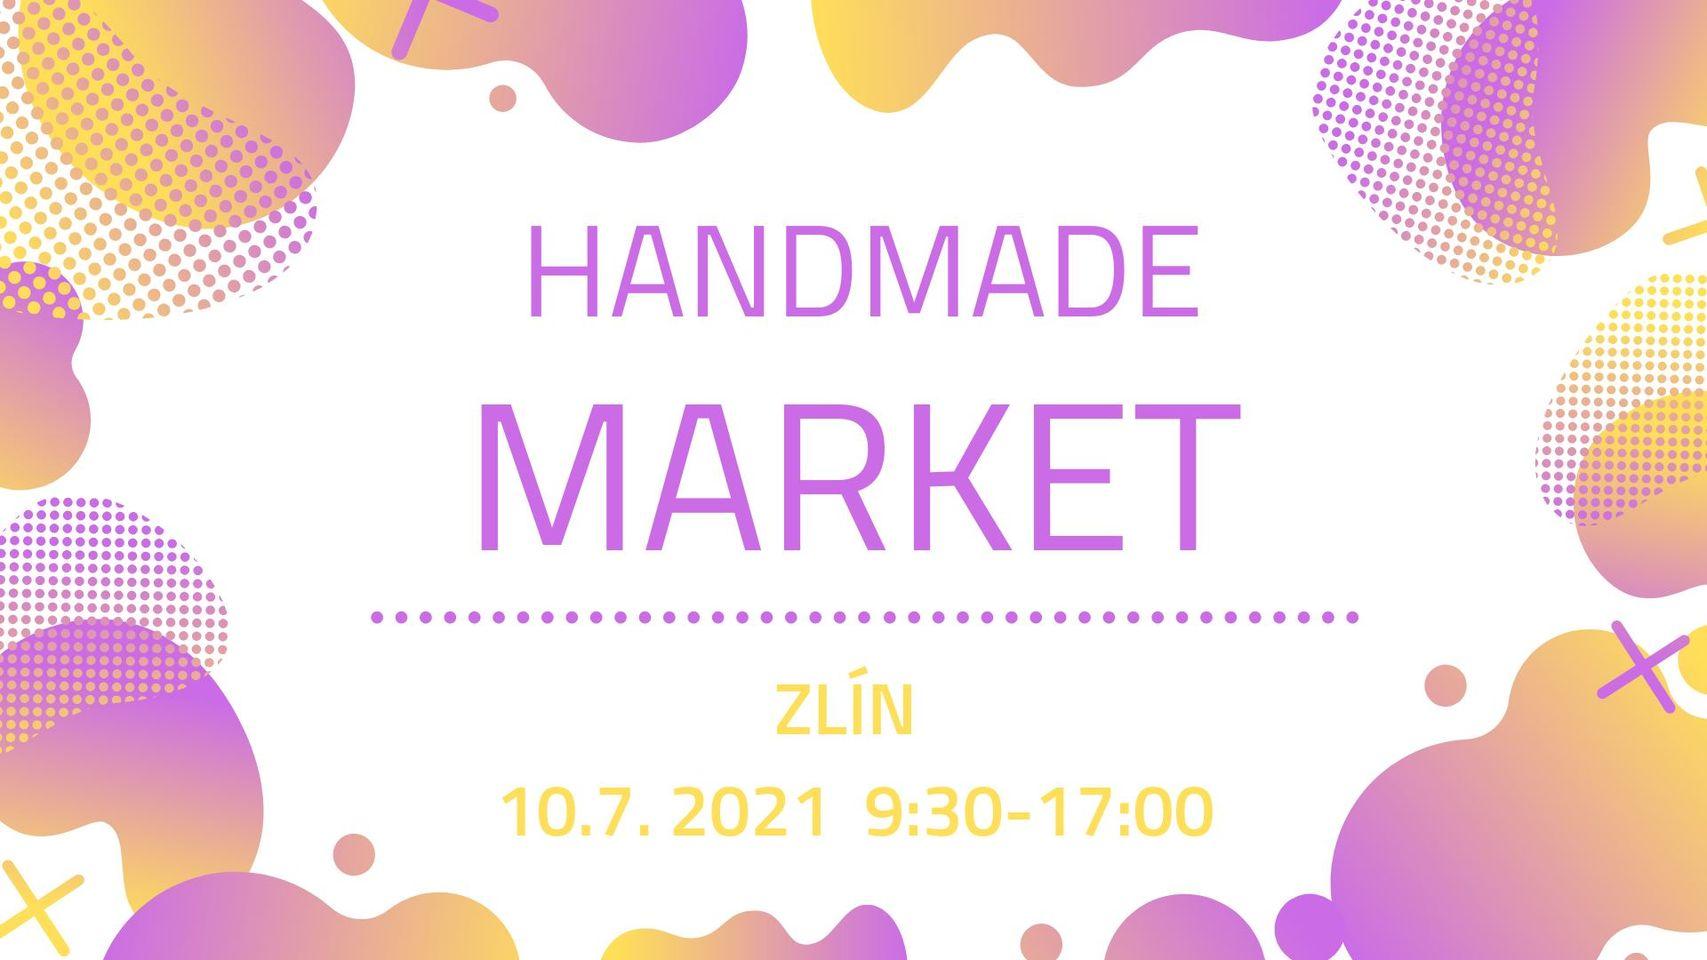 Handmade market - vyrobeno s láskou